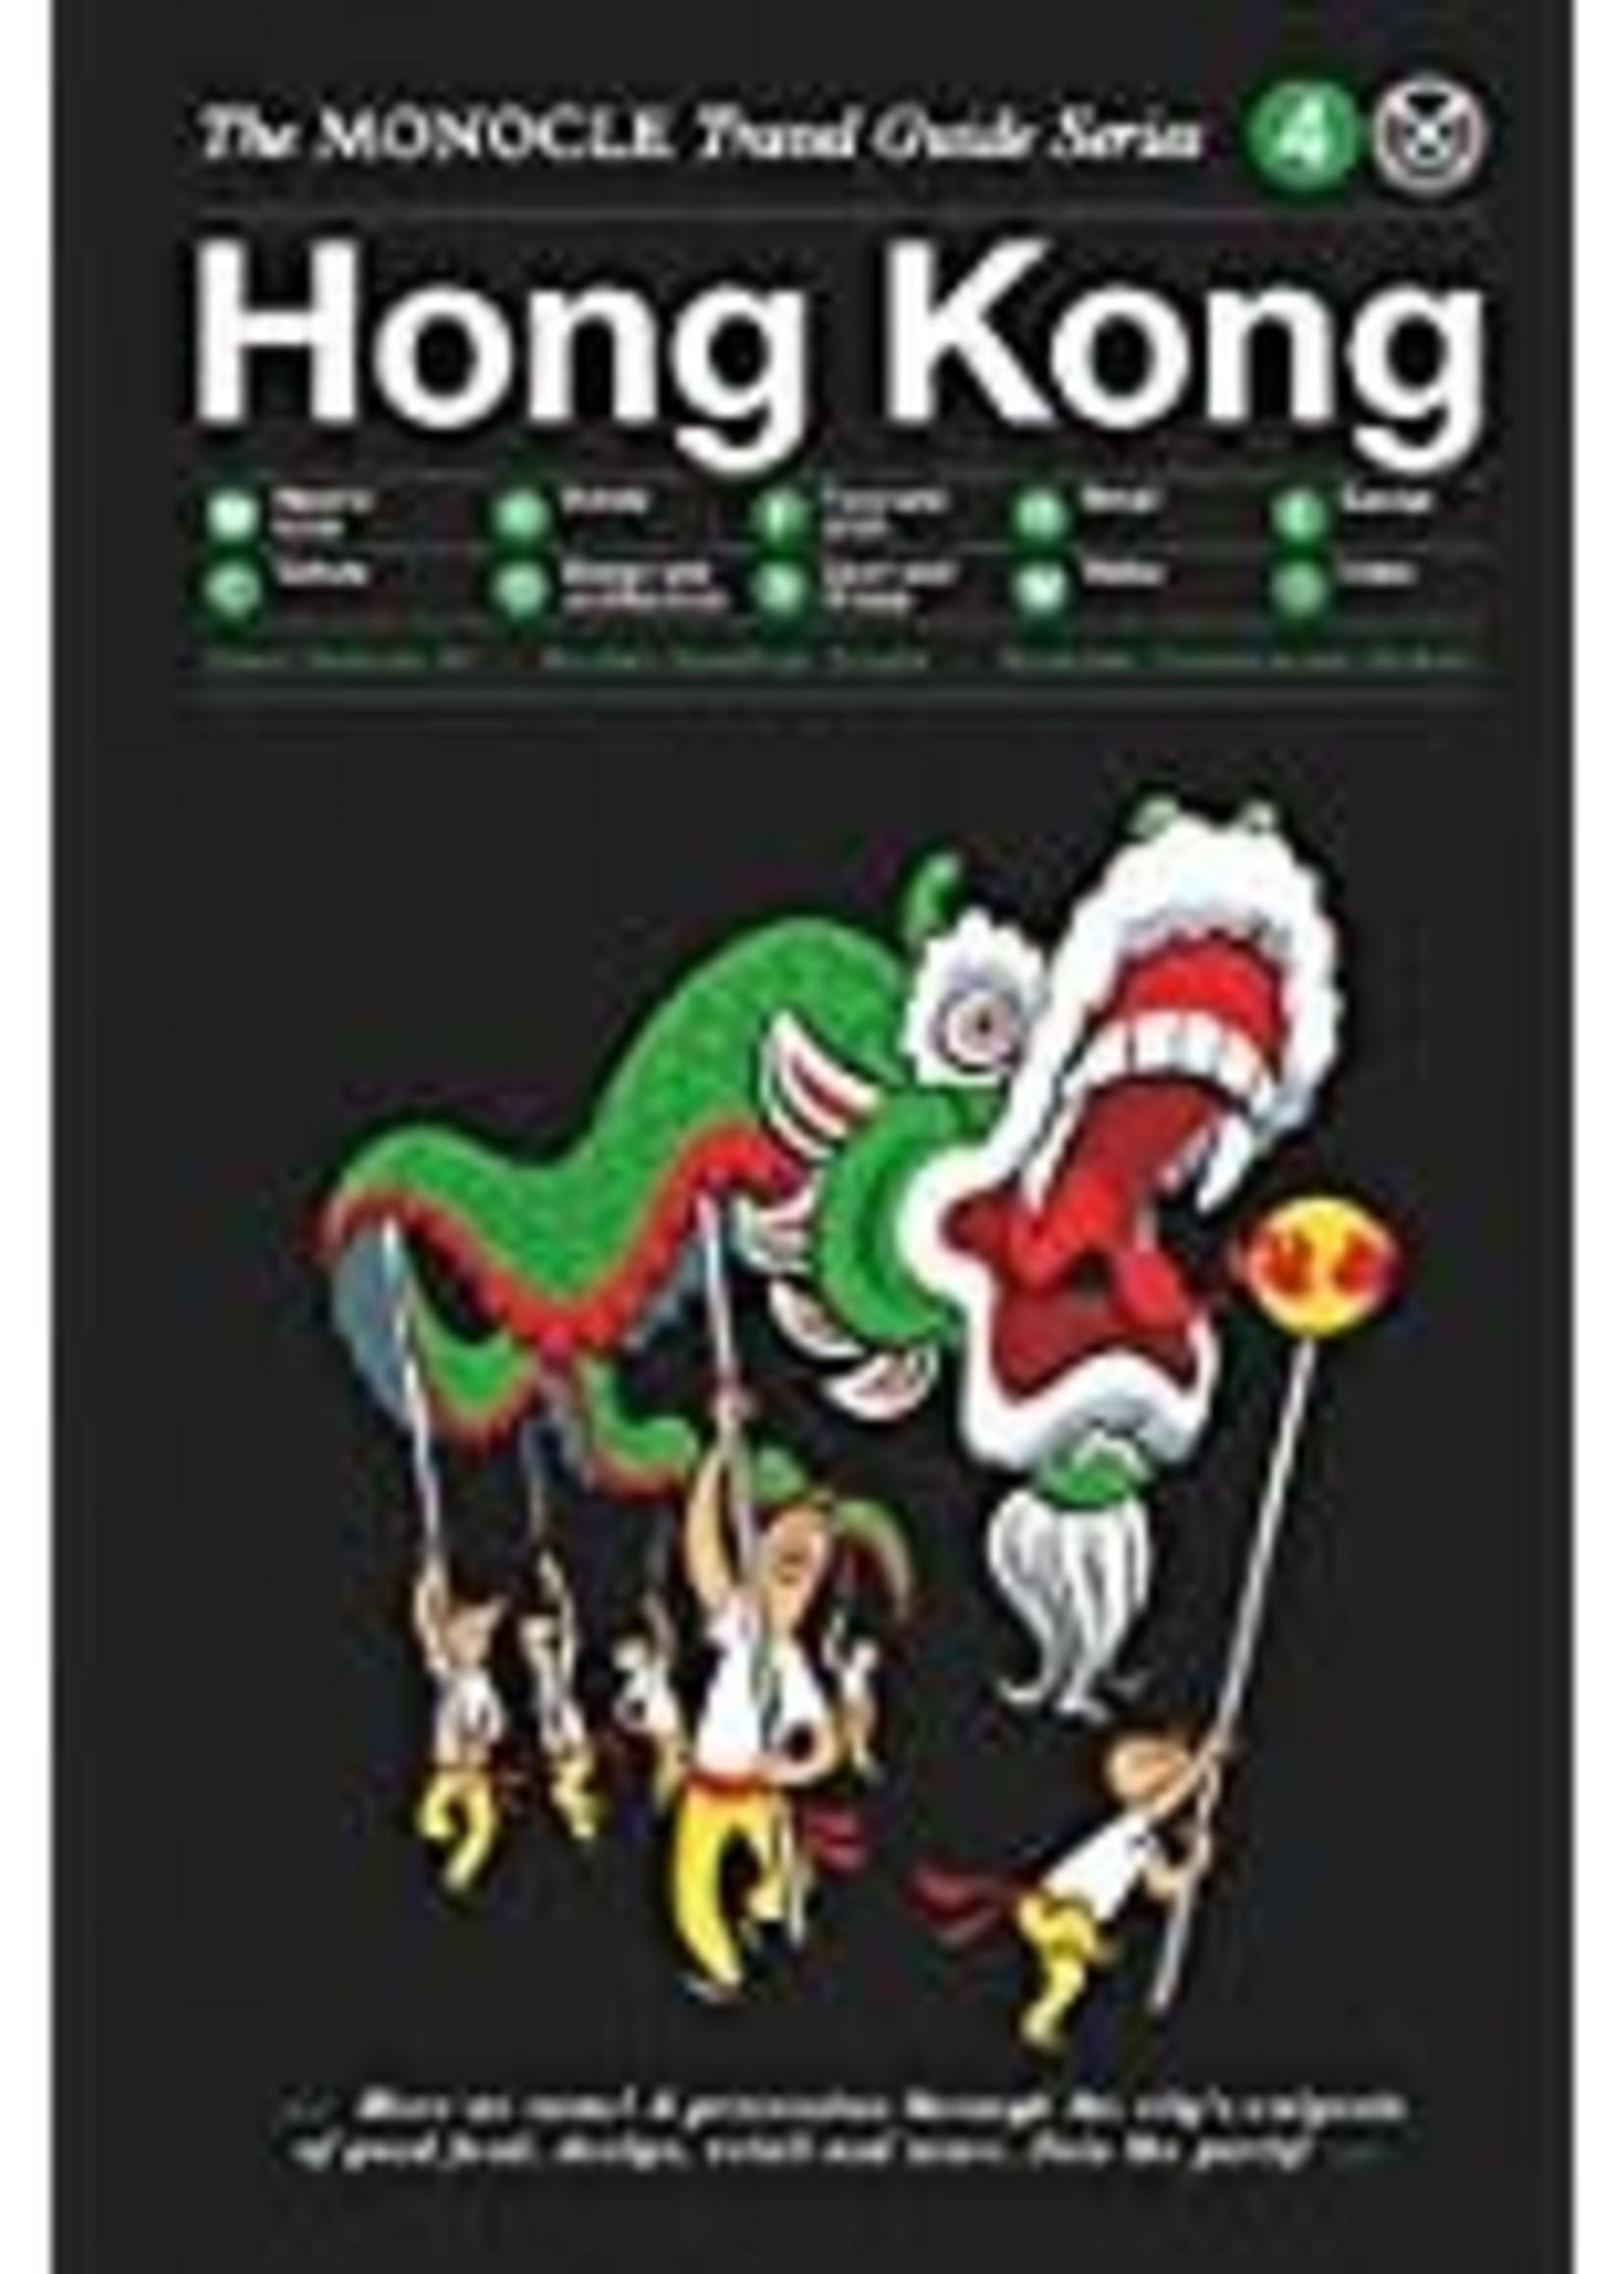 Penguin Random House Monocle Travel Guide Hong Kong